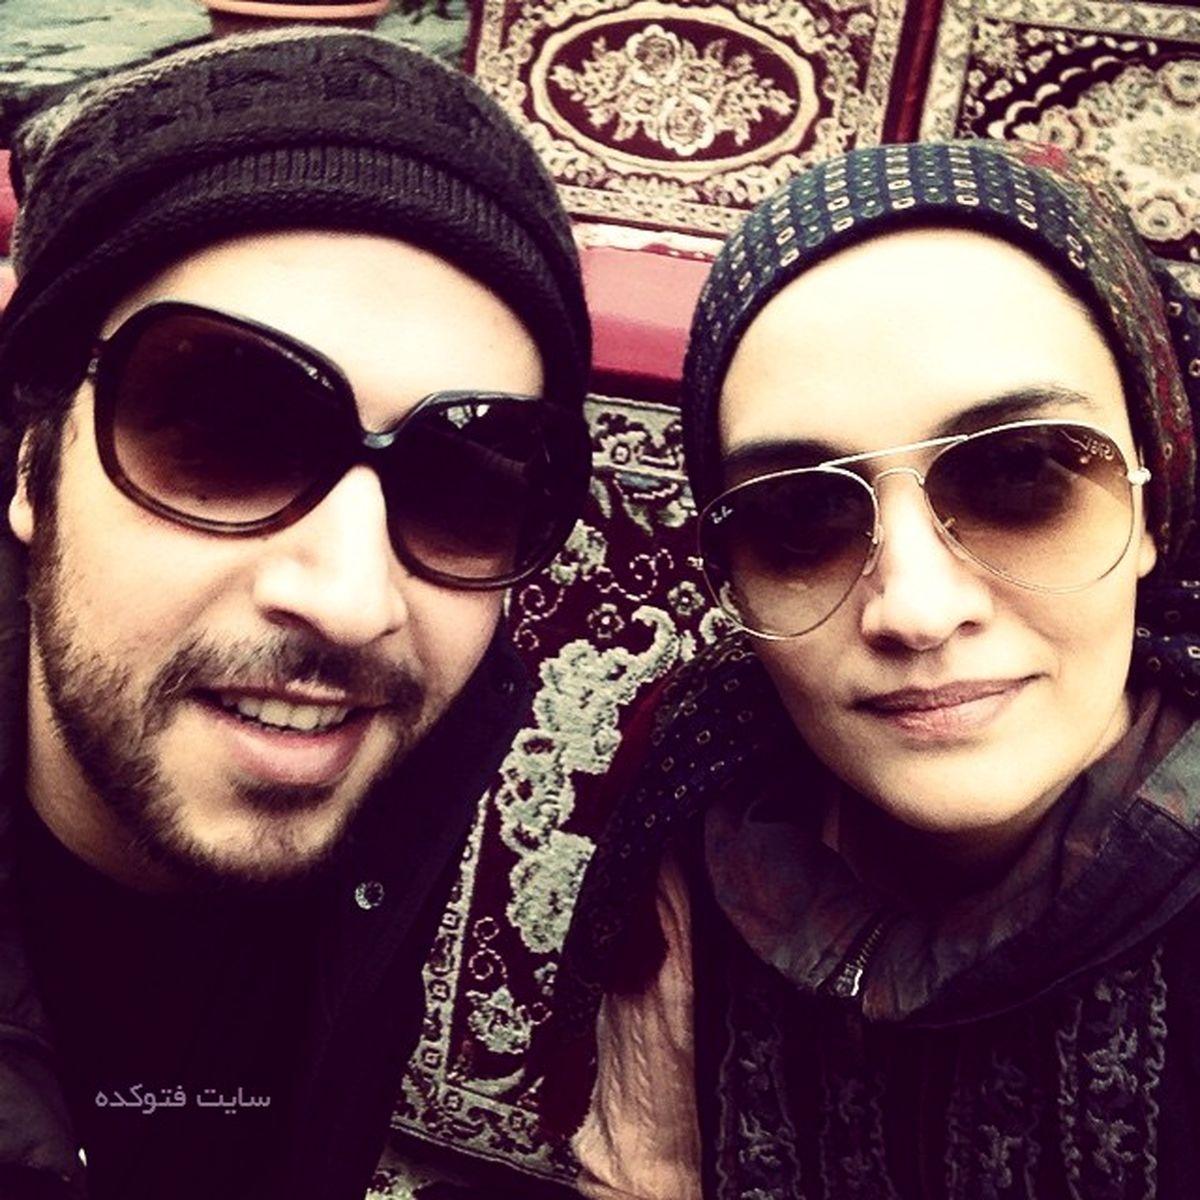 میترا حجار ازدواج کرد + بیوگرافی و عکس